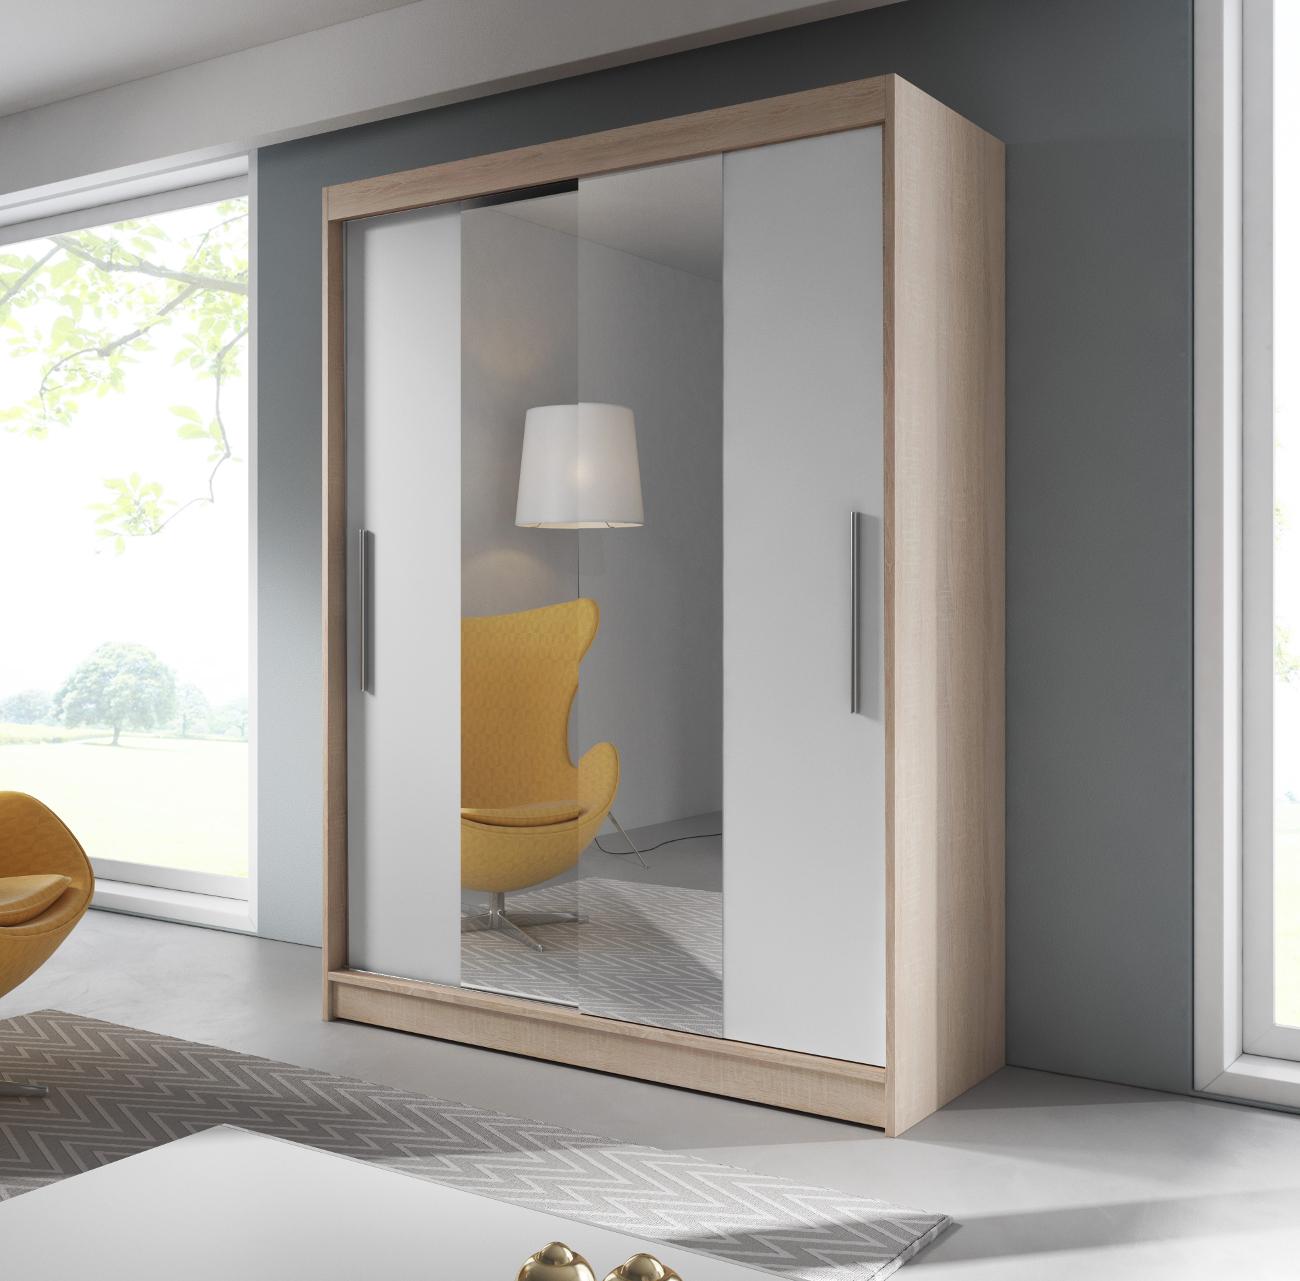 kleiderschrank mit spiegel schiebet ren schrank g5rderobe wei 150 cm lara 01 ebay. Black Bedroom Furniture Sets. Home Design Ideas